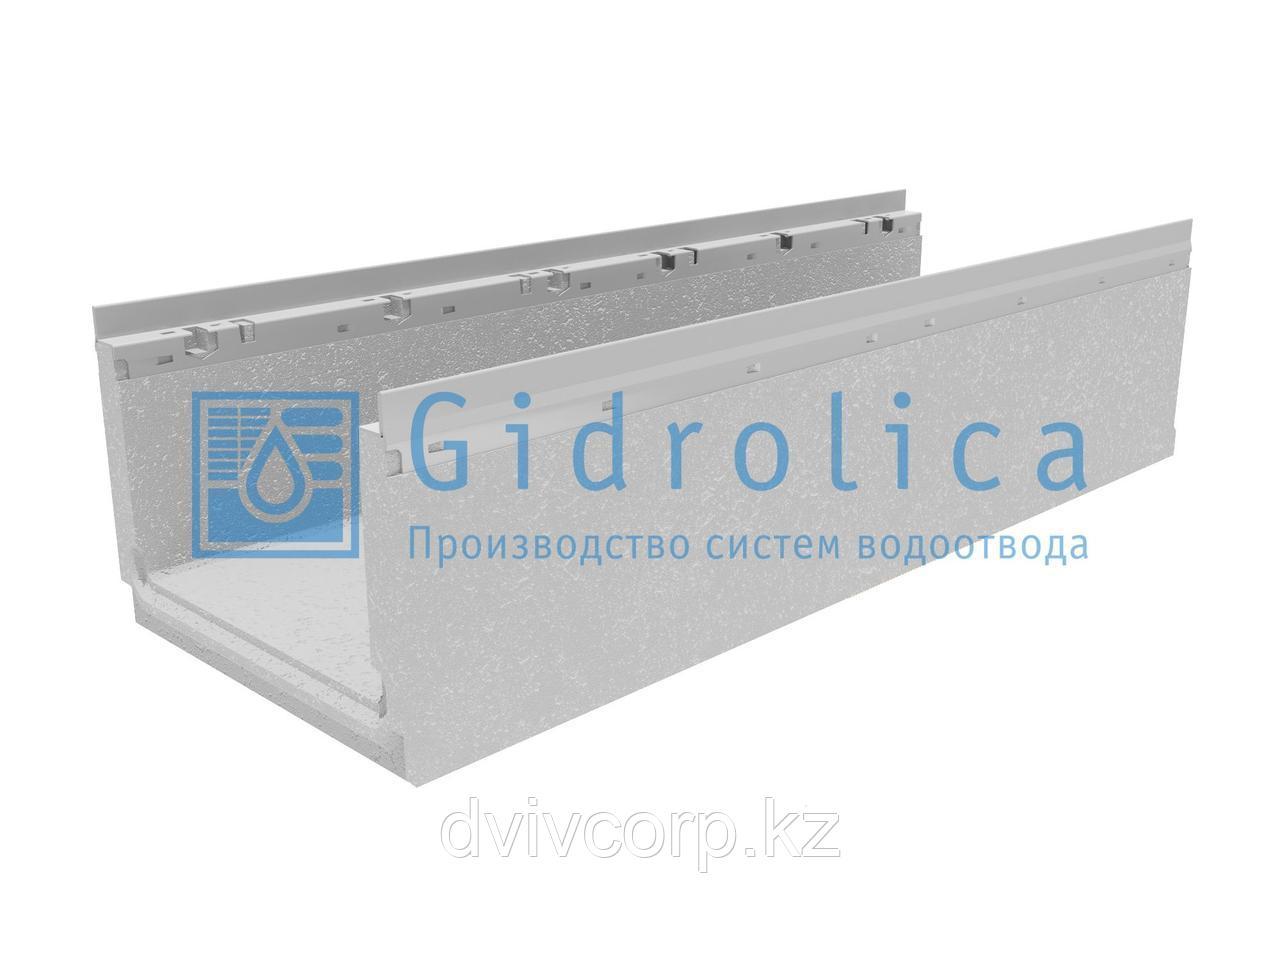 Лоток водоотводный бетонный коробчатый (СО-300мм) с оцинкованной насадкой КП 100.36,3 (30).25(20,5) - BGF-Z, №